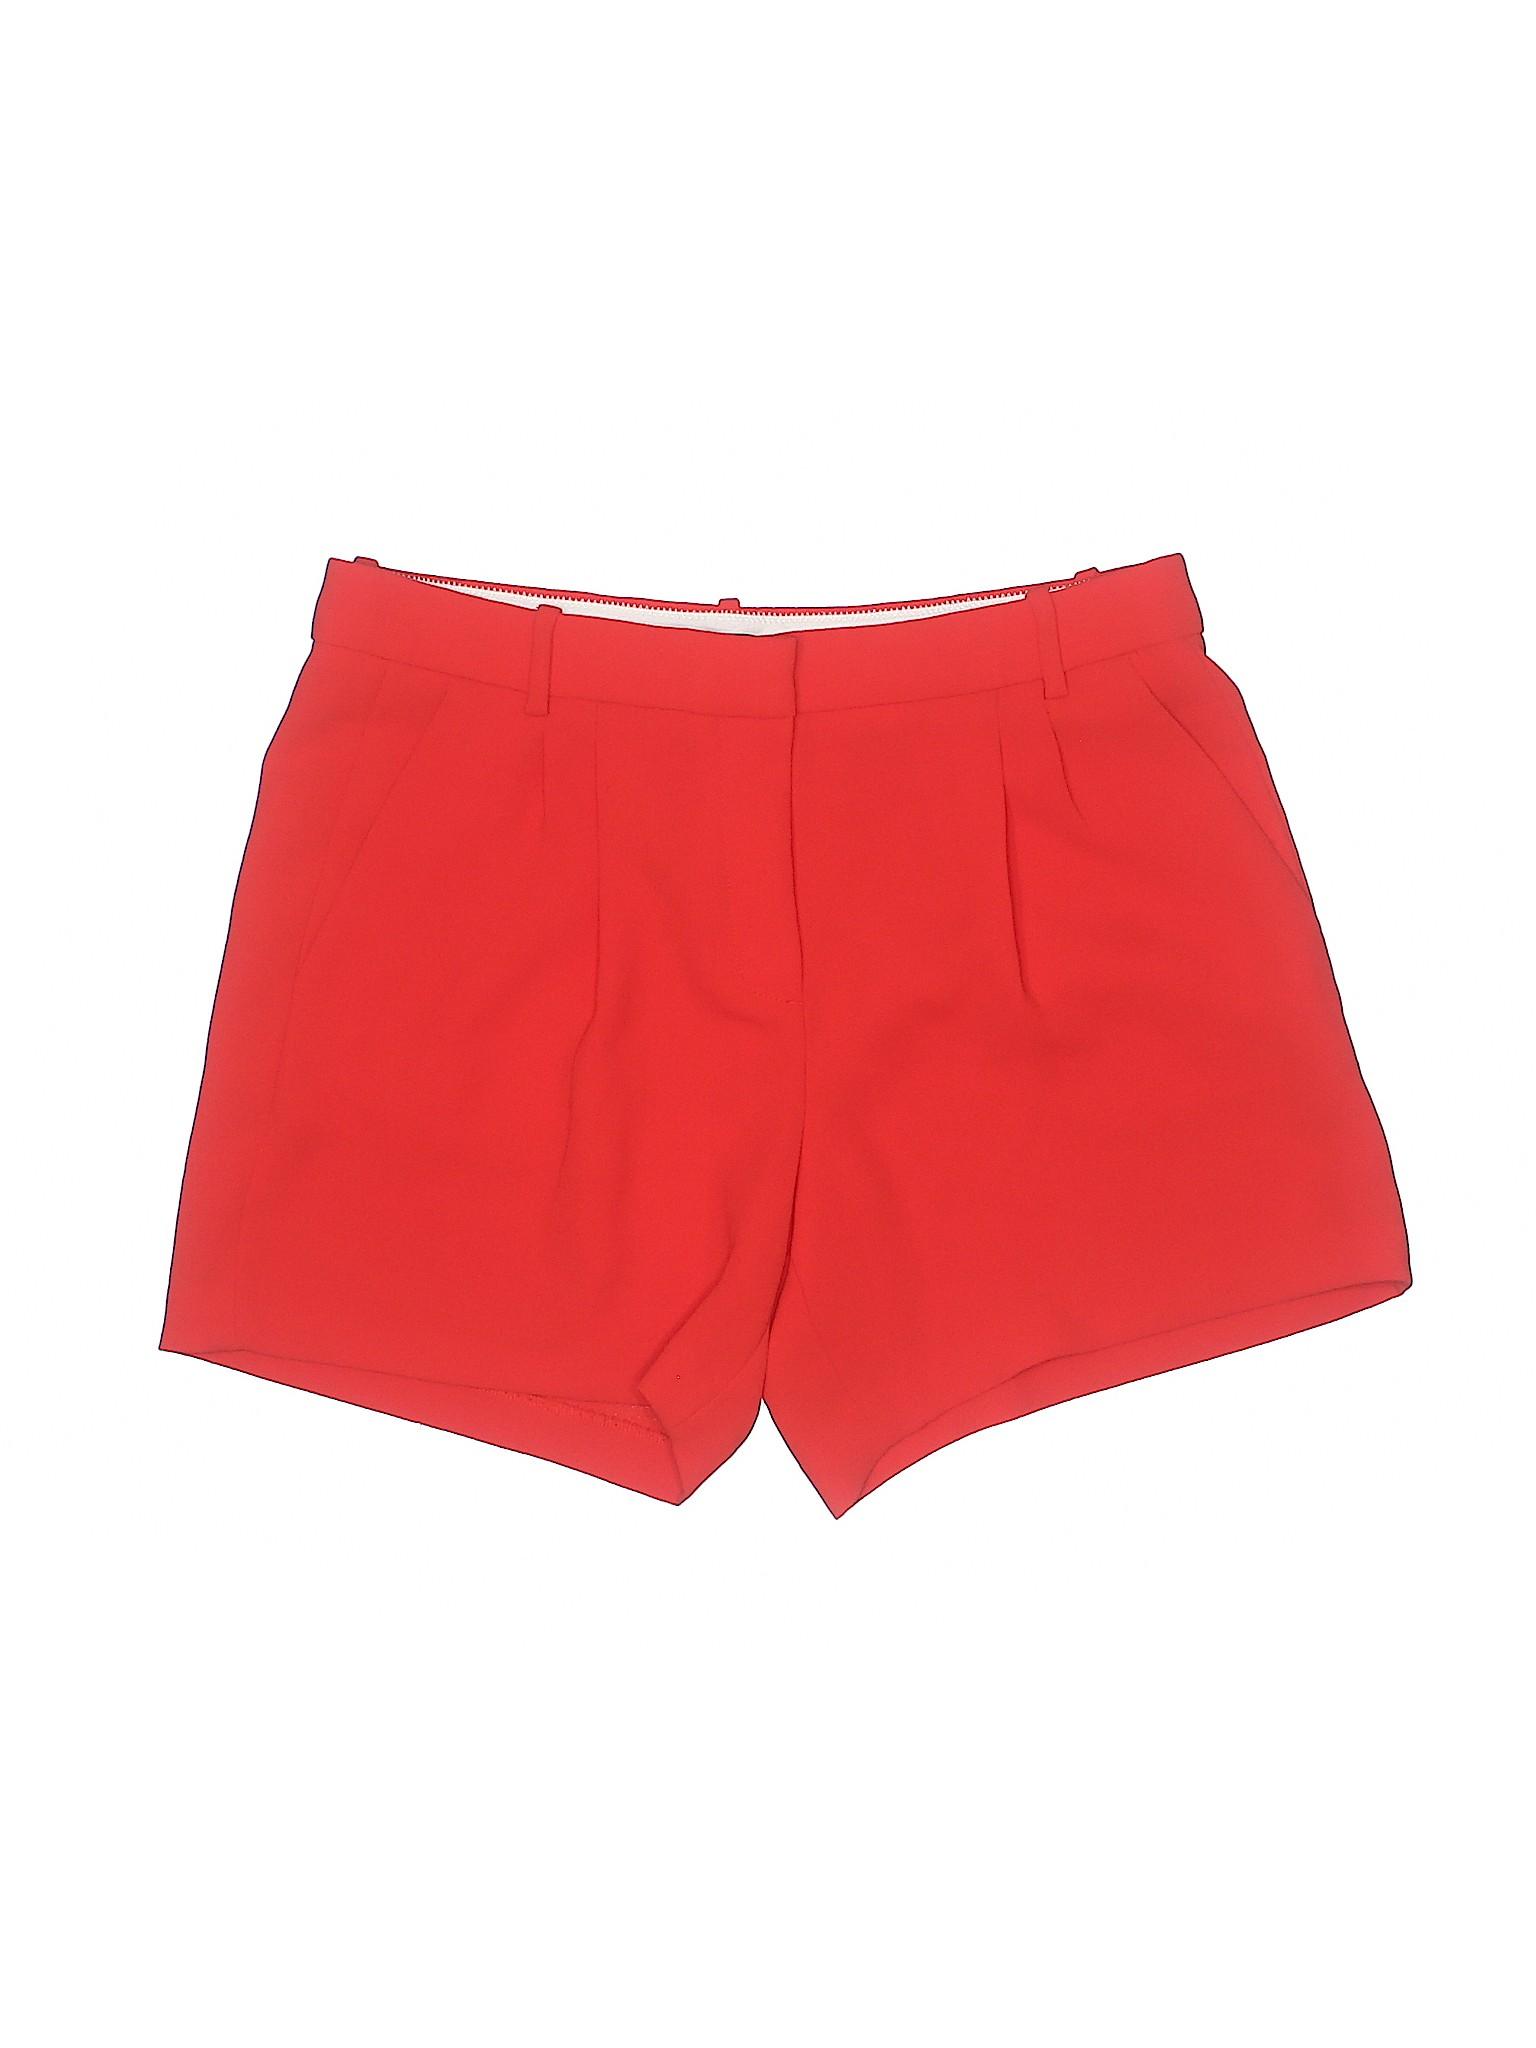 Boutique J J Dressy J Crew Boutique Boutique Shorts Crew Shorts Dressy HgACx6qX